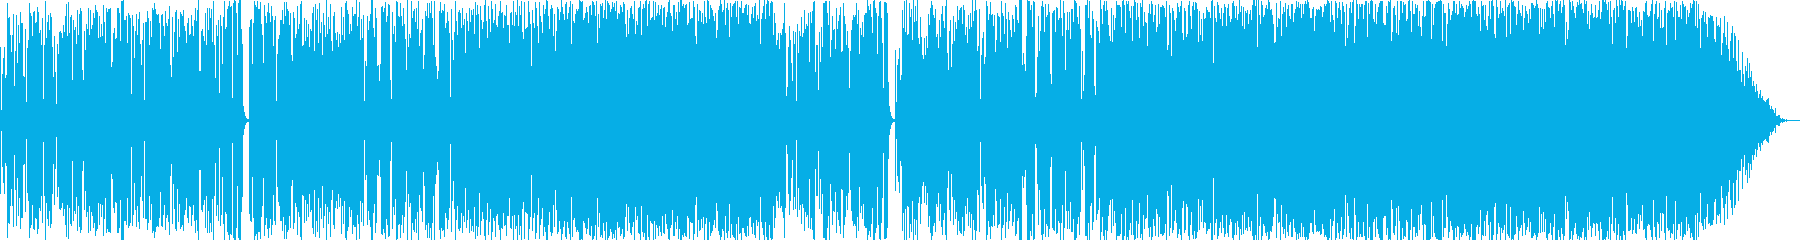 明るいPOPなファンクの再生済みの波形